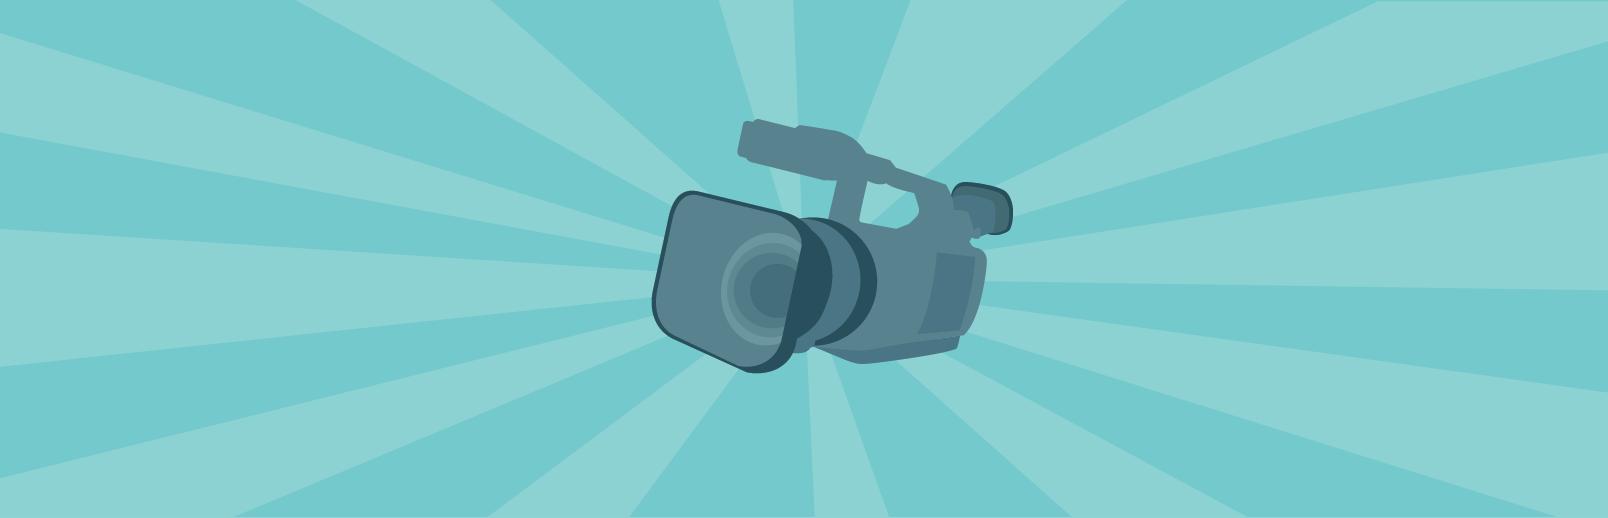 succes_video-01.png